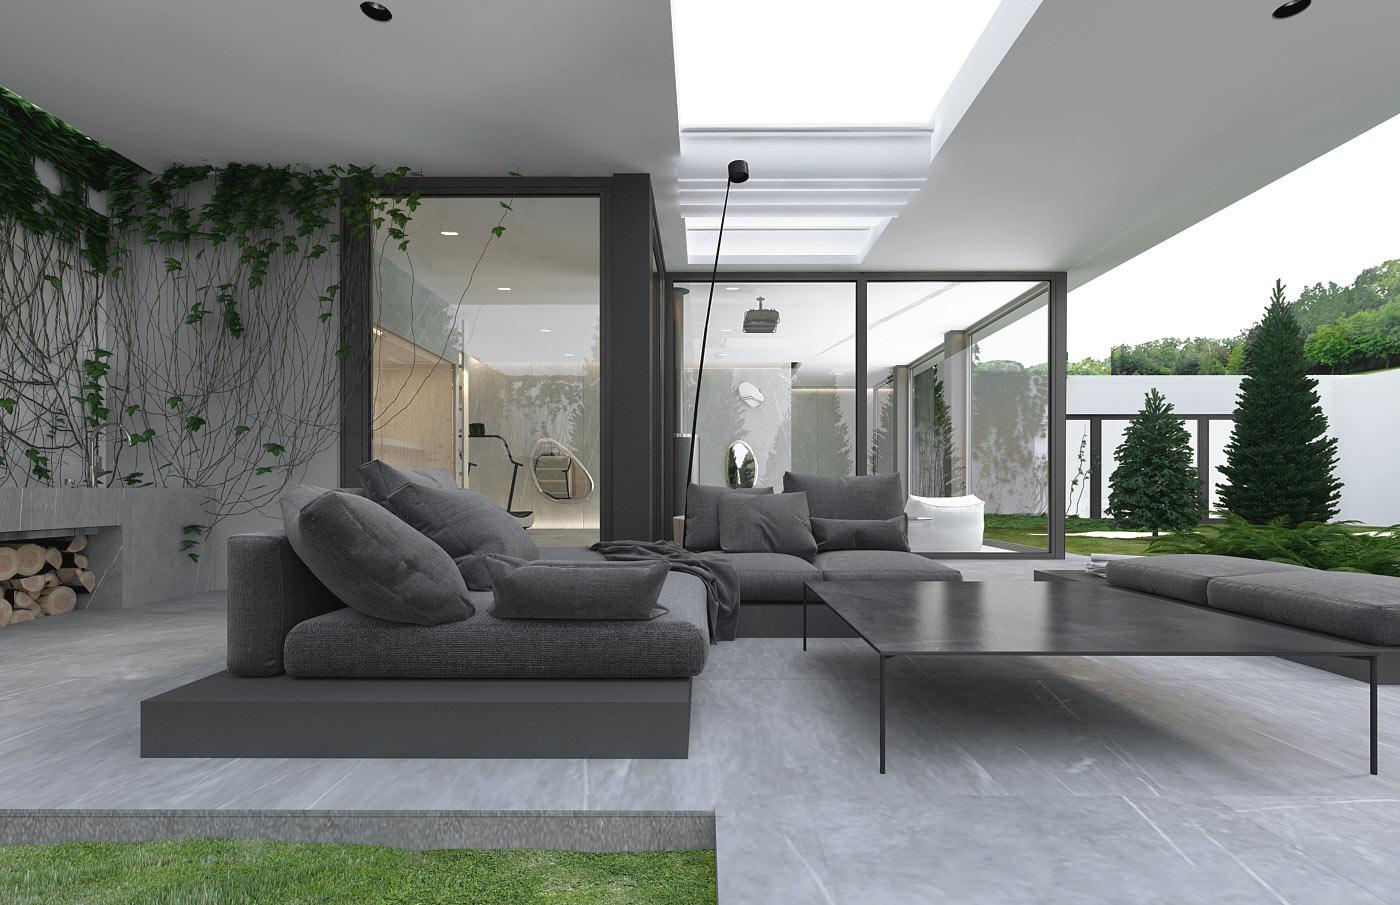 03-mono-architekt-wnetrz-katowice-slask-domowe-spa-sauna-taras-spiek-kwarcowy